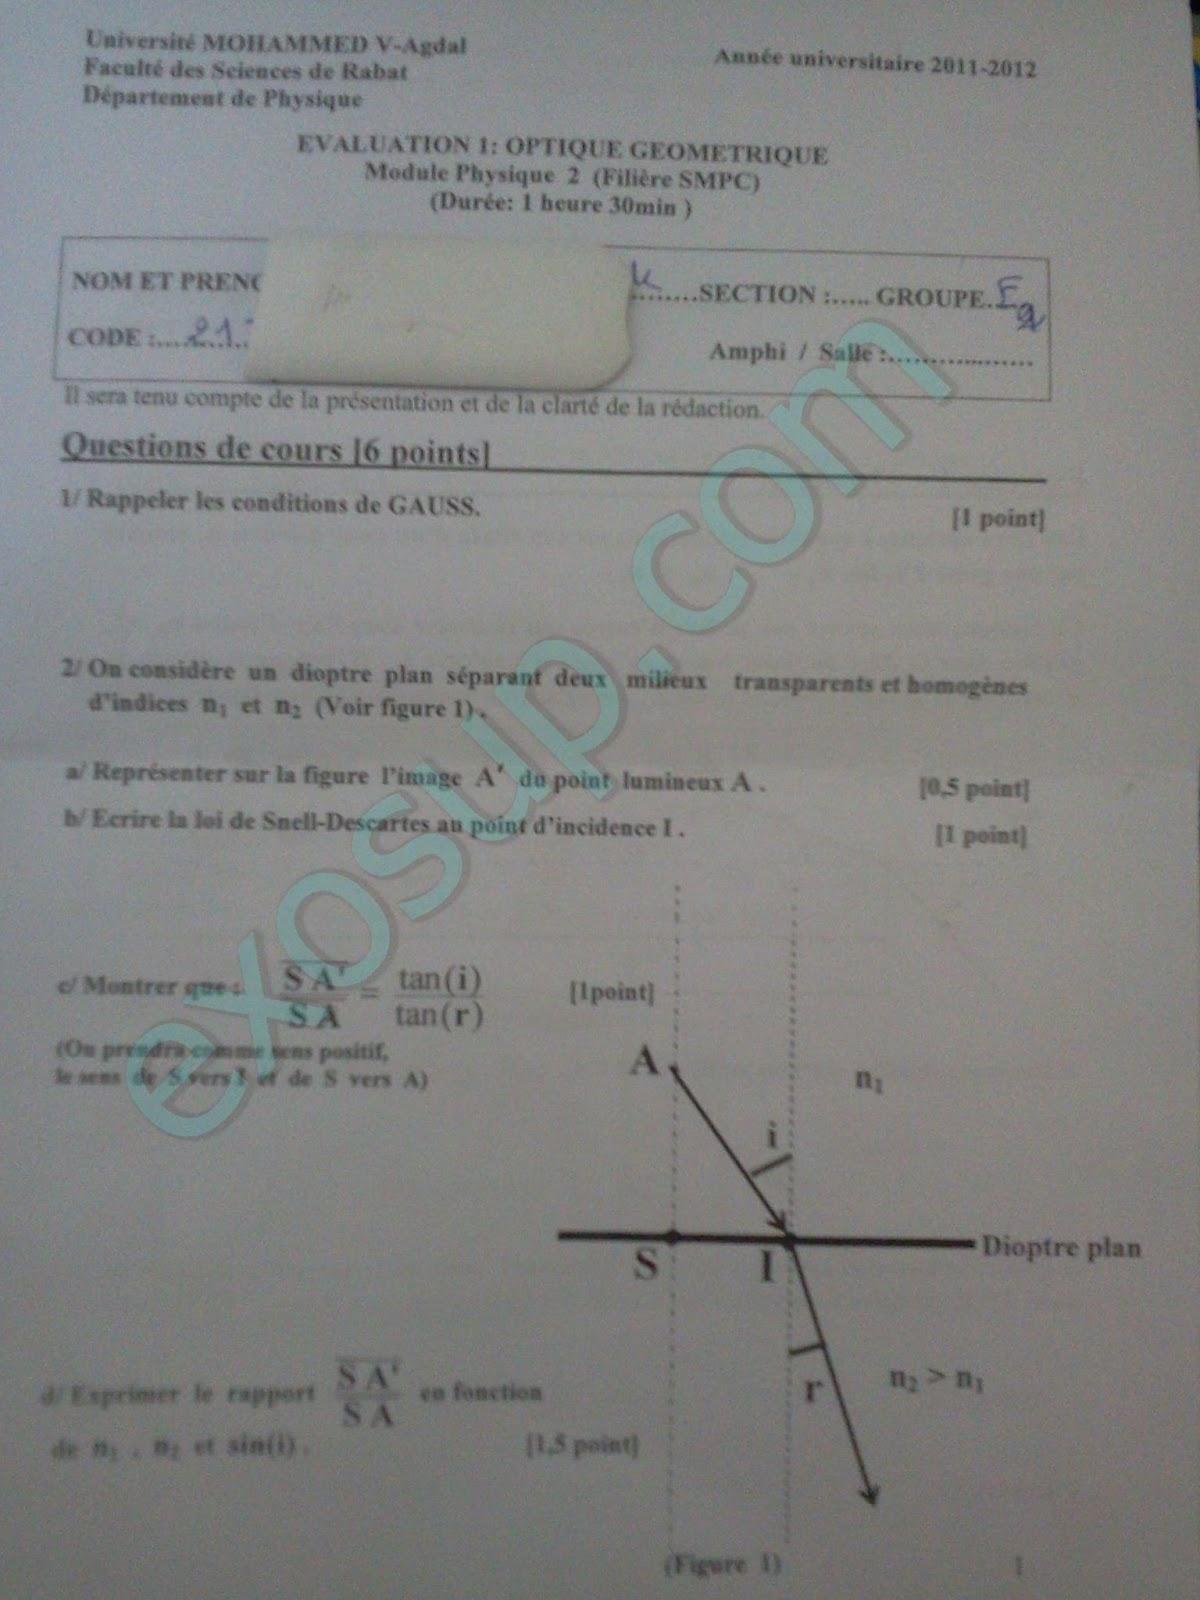 Examen optique géométrique s2